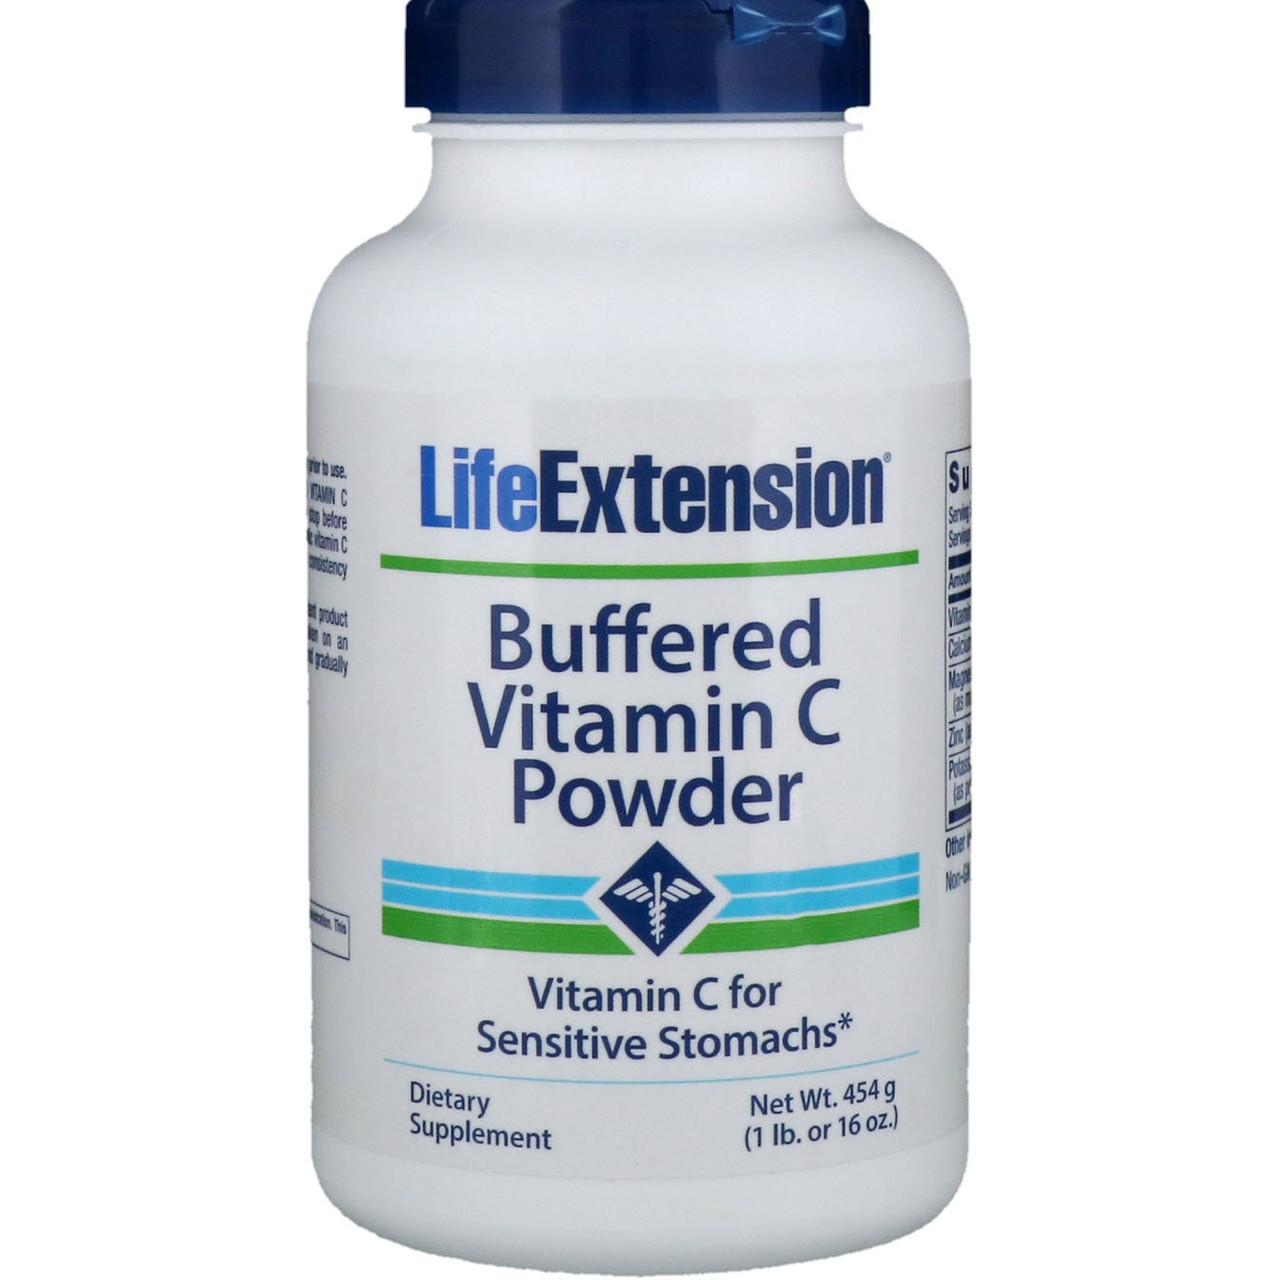 Буферизированный витамин C в порошке от Life Extension, 454 г